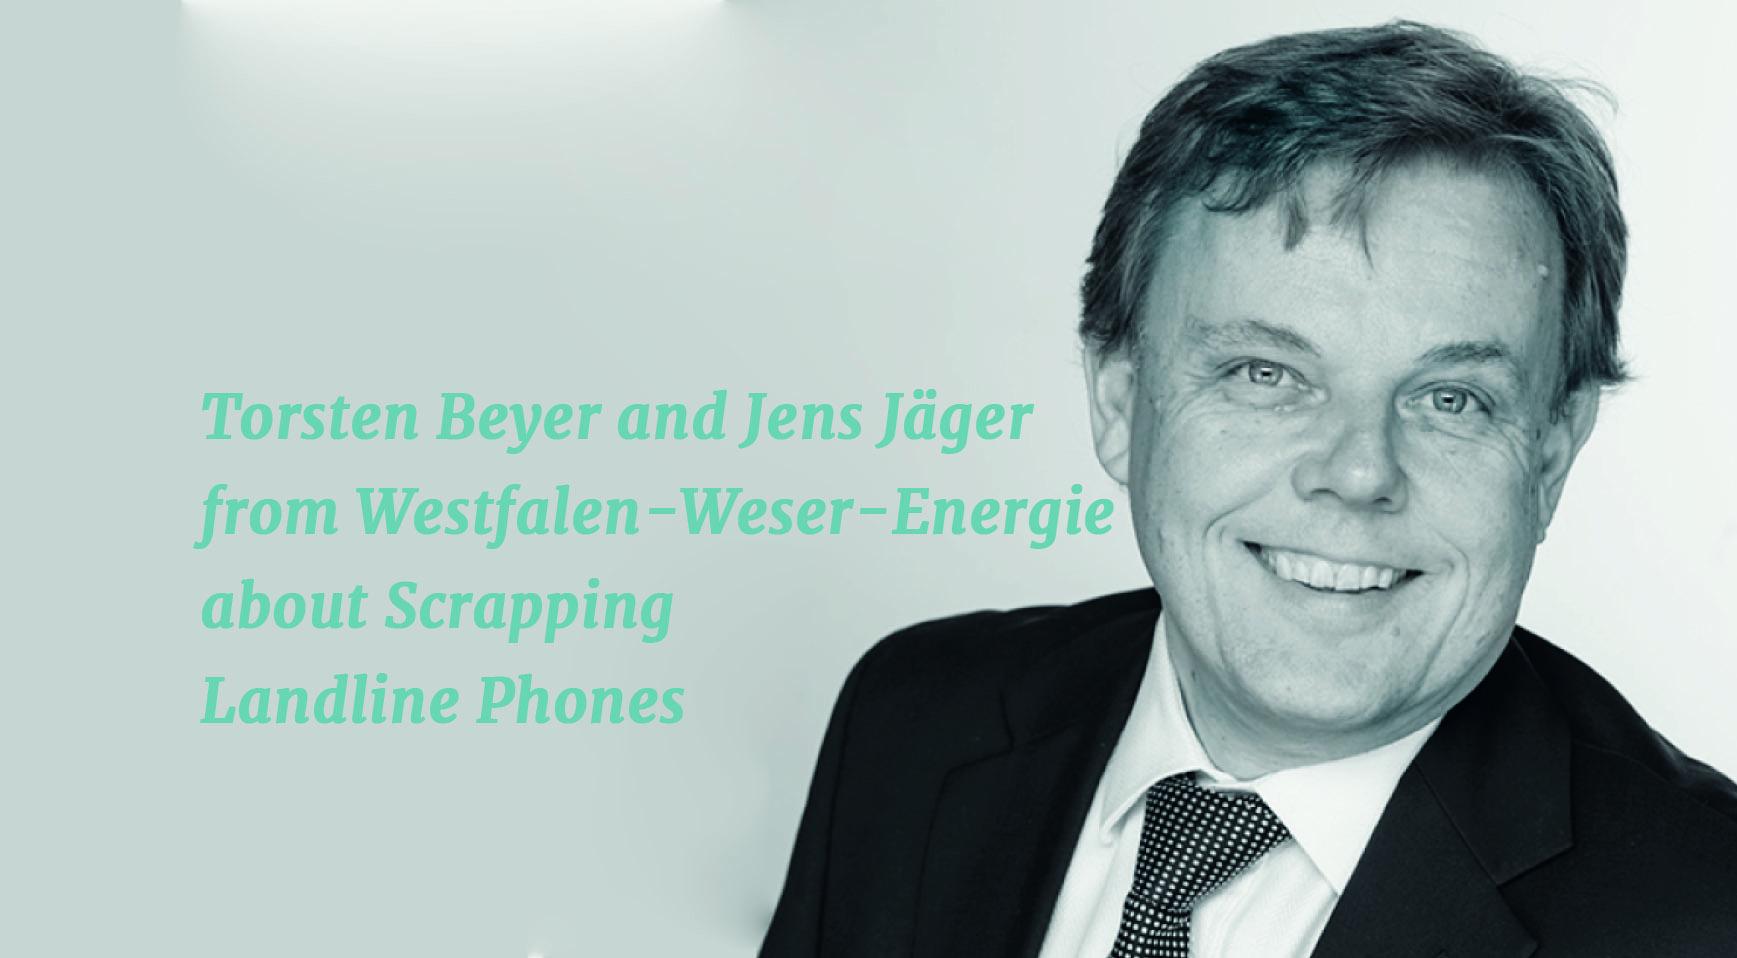 AXXCON Torsten Beyer scrapping landline phones